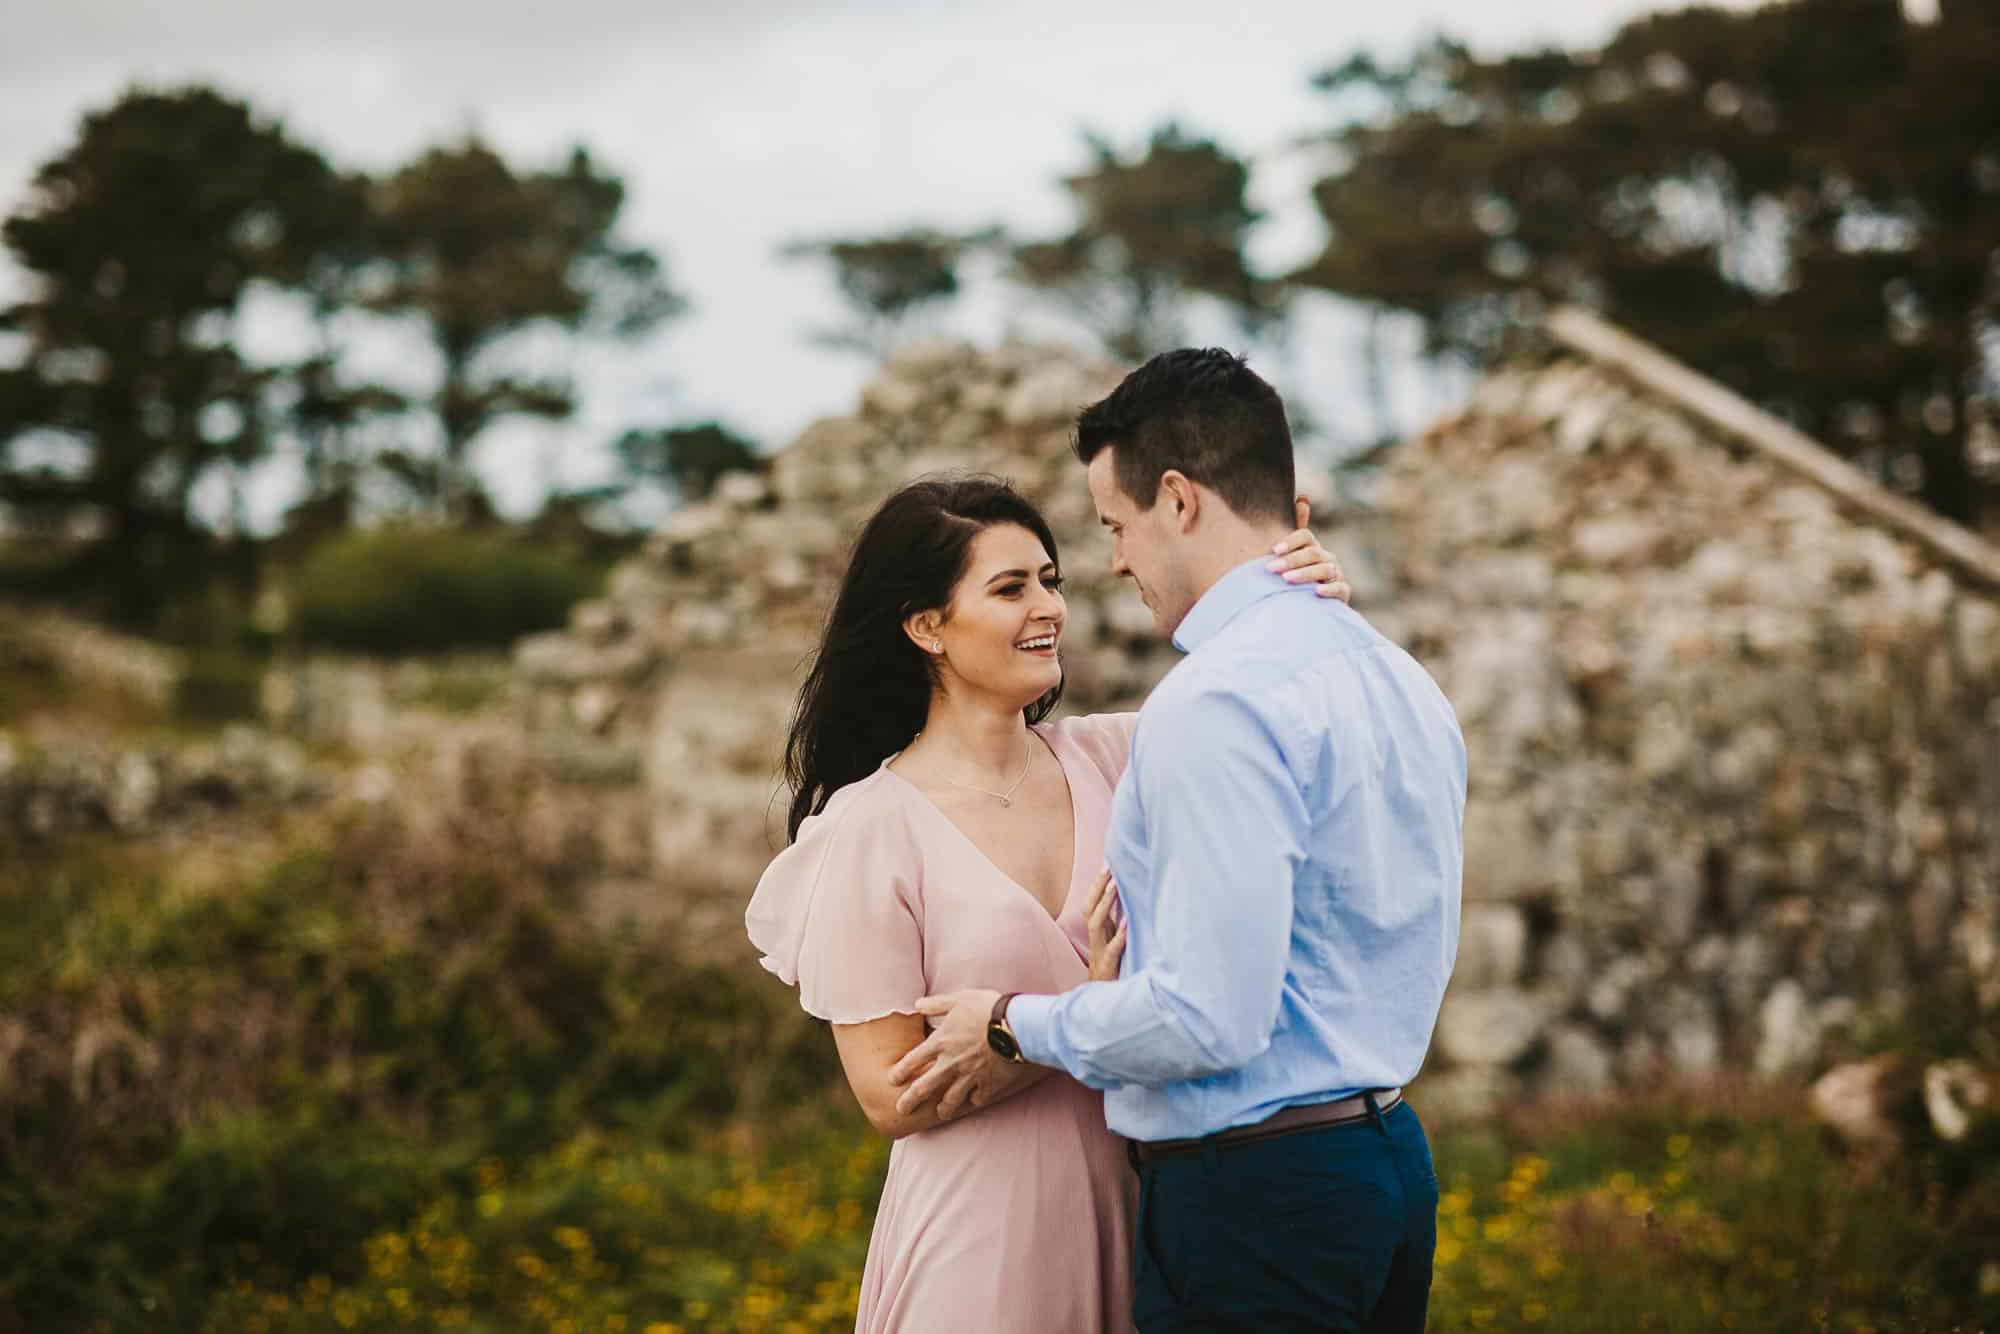 Elopement Photography Ireland Pink Dress